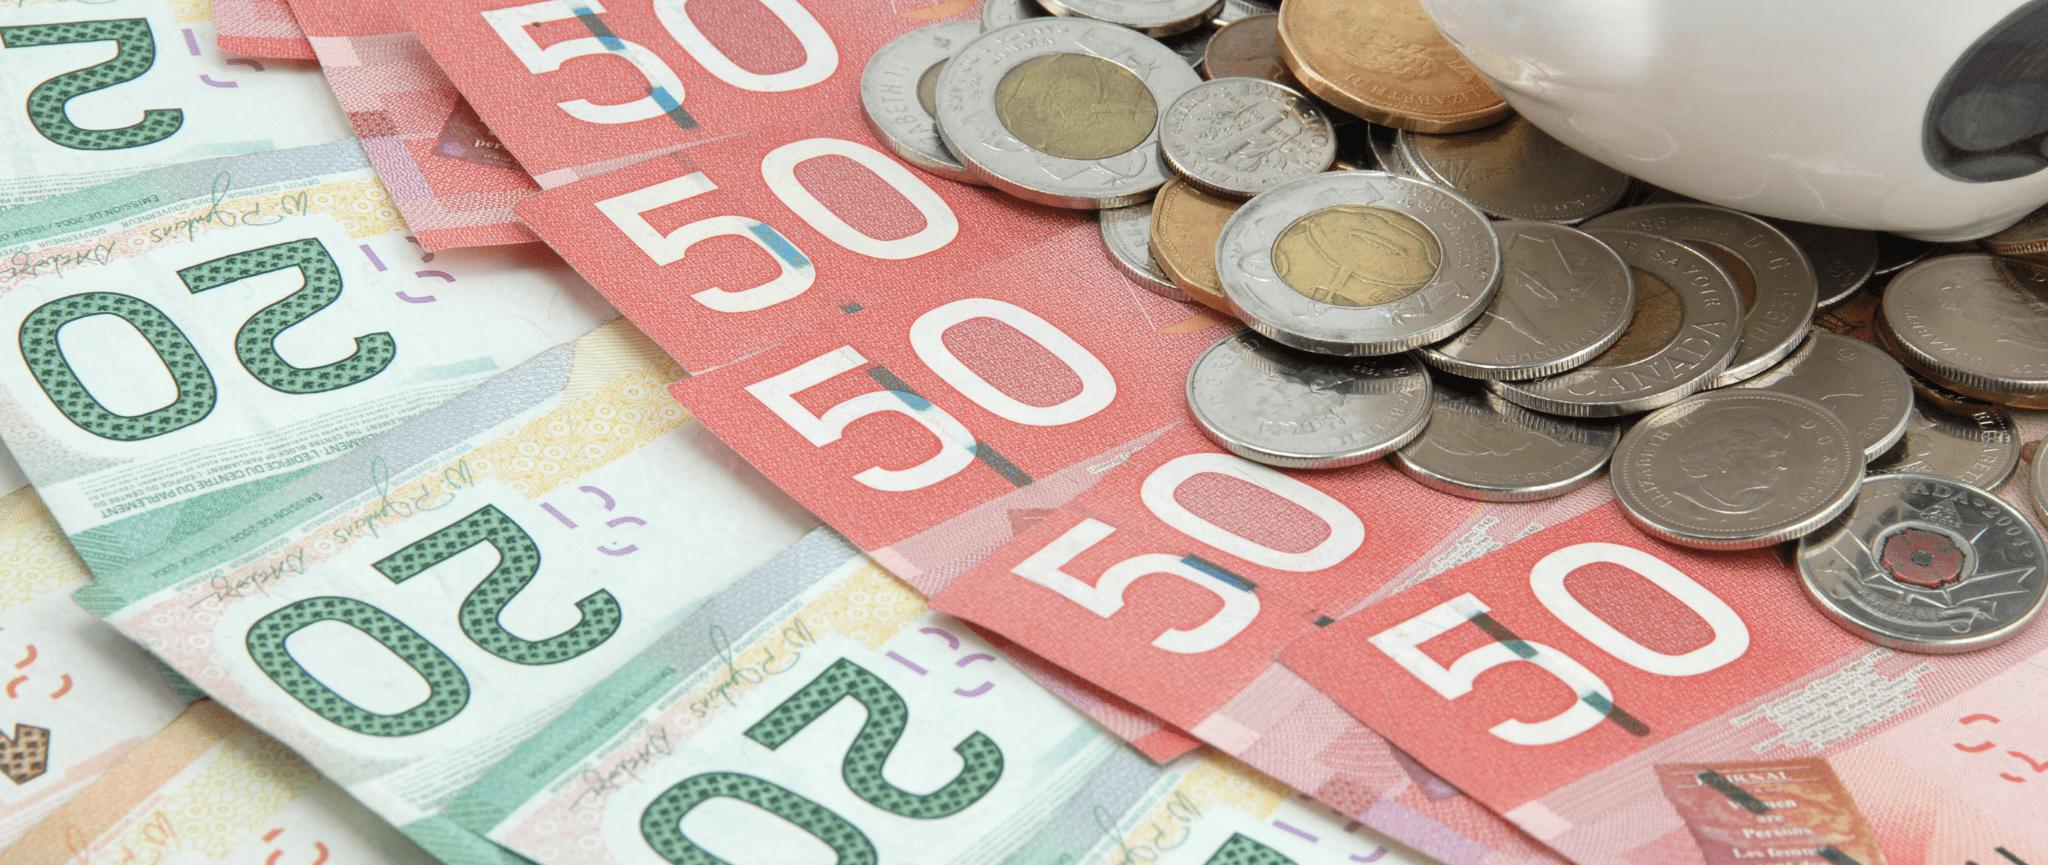 Monnaie canadienne incluant des billets de 20 $ et de 50 $ ainsi qu'une variété de pièces